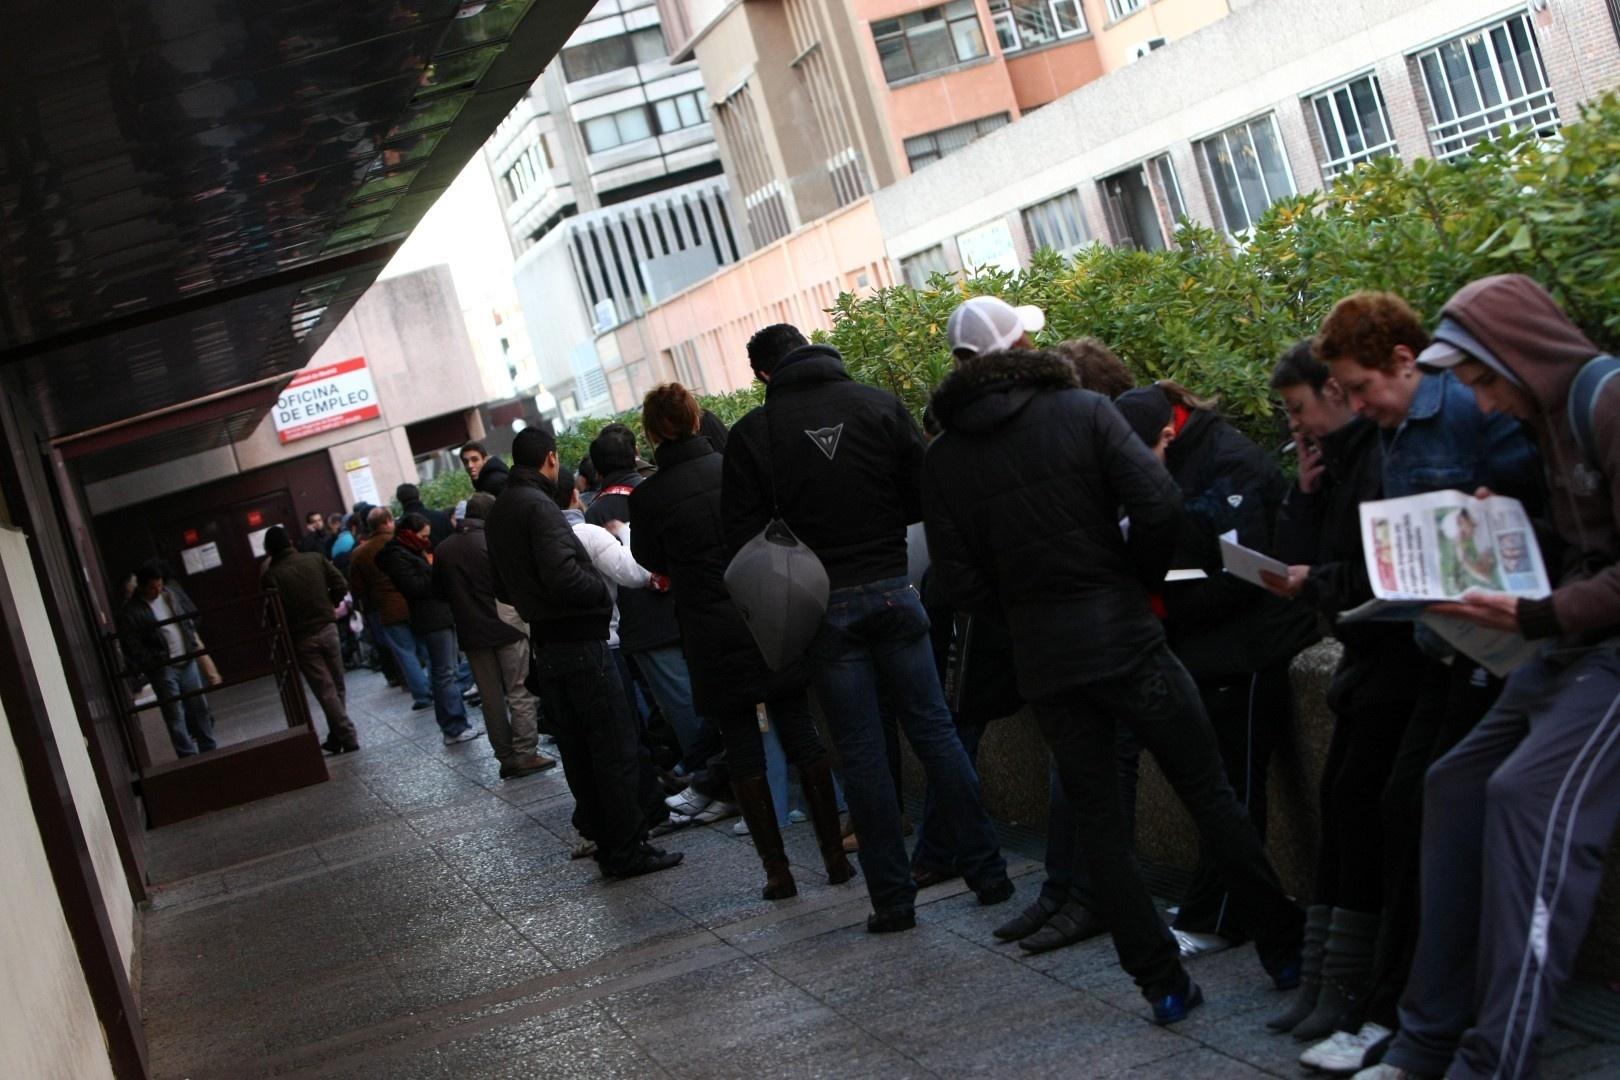 El paro baja en la Comunidad de Madrid en 8.470 personas en mayo hasta los 560.560 desempleados